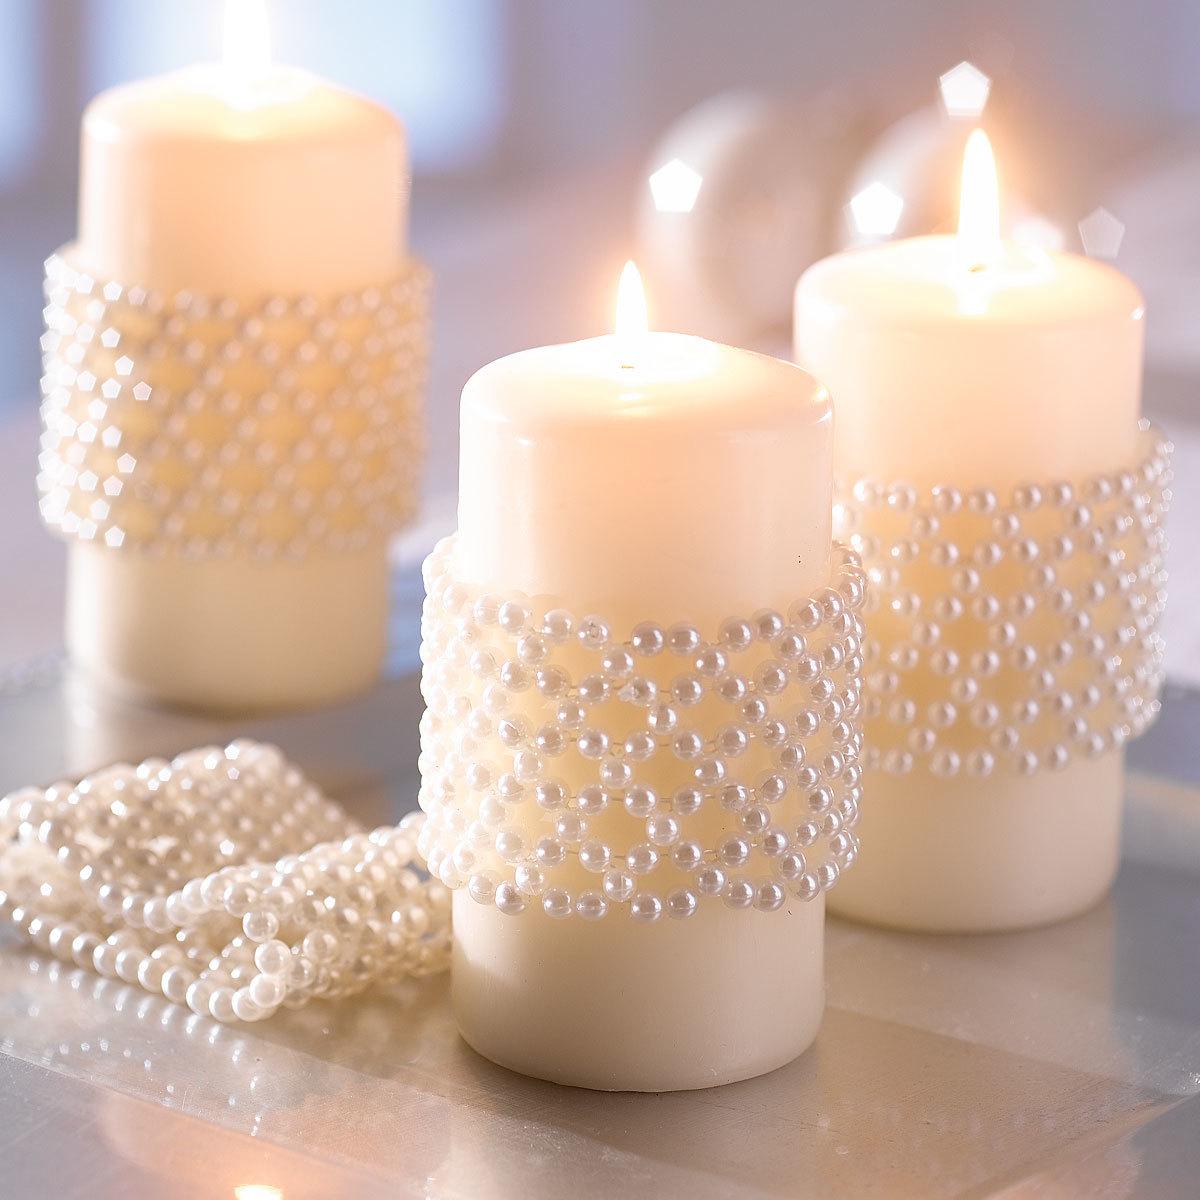 Украшение свечей своими руками на свадьбу